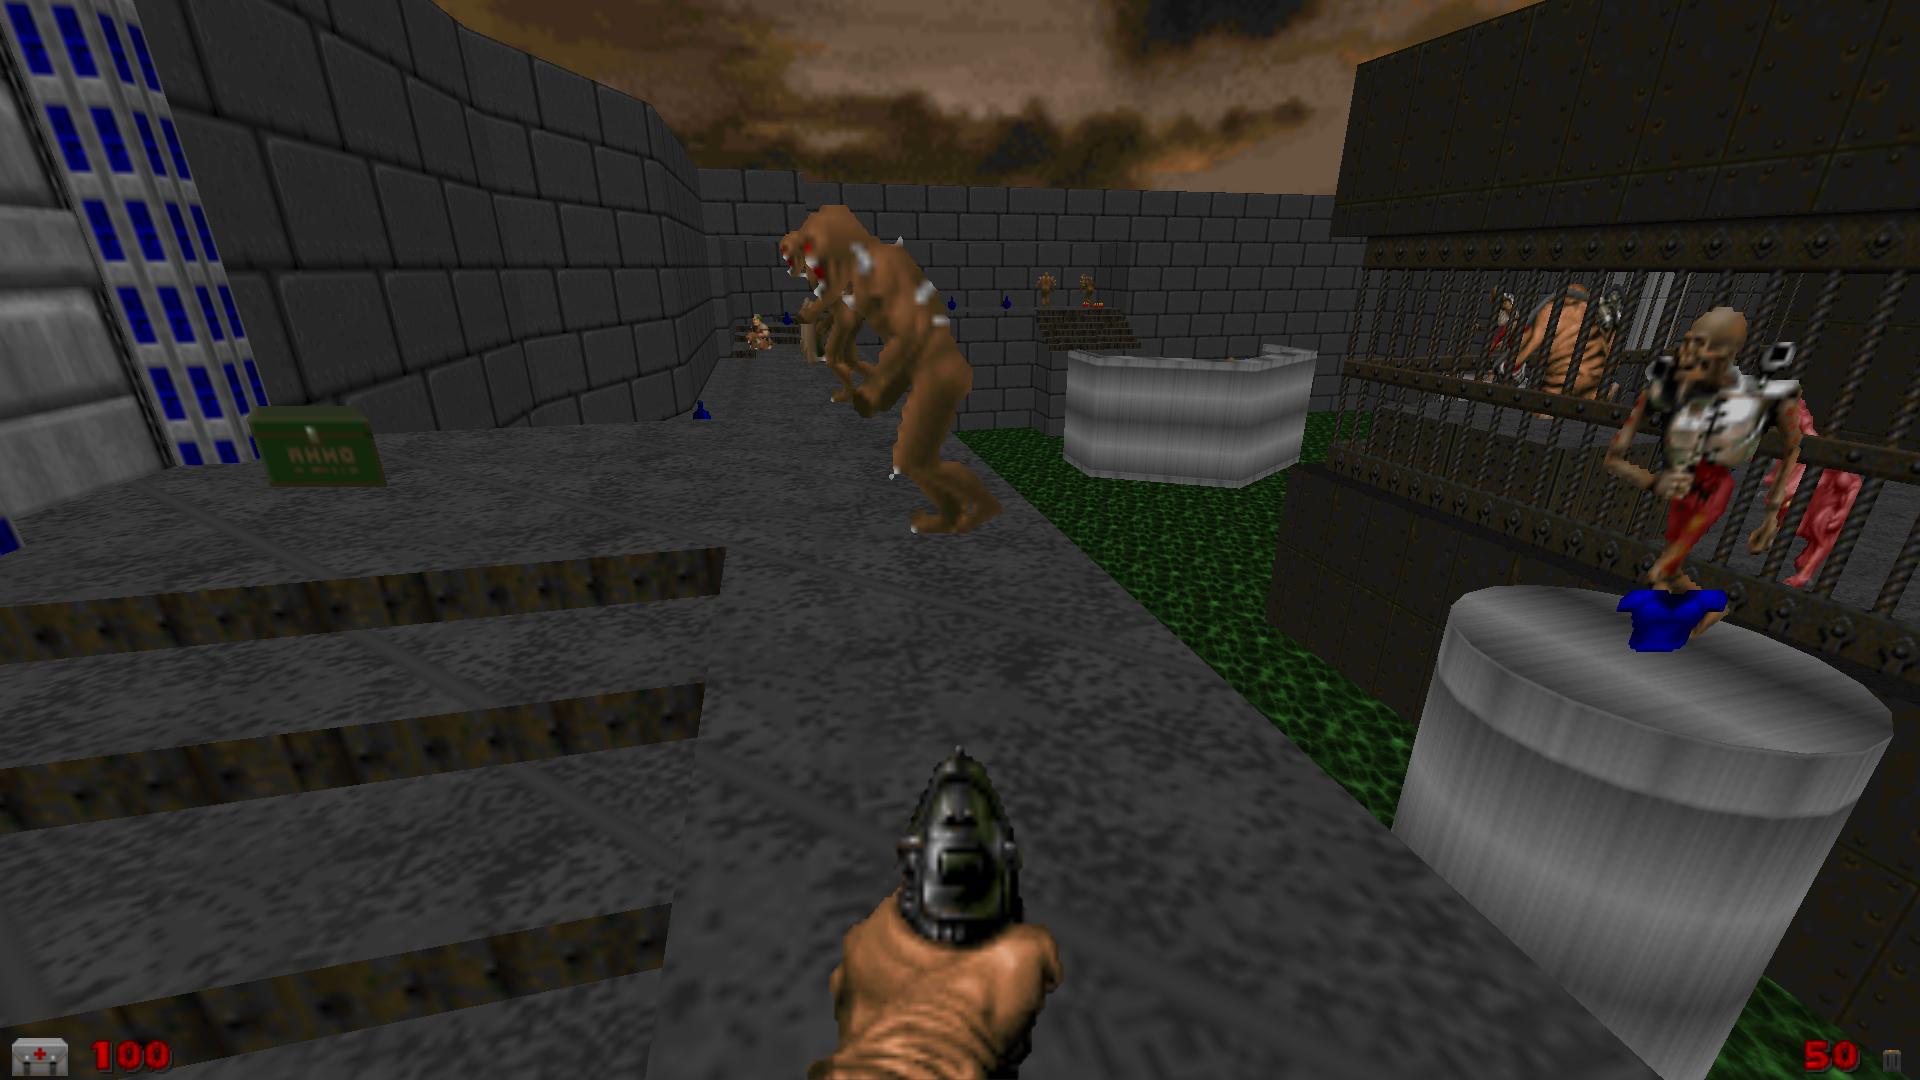 Screenshot_Doom_20200926_110329.png.e4fe4335568be46f1bd4292ea7338bbe.png